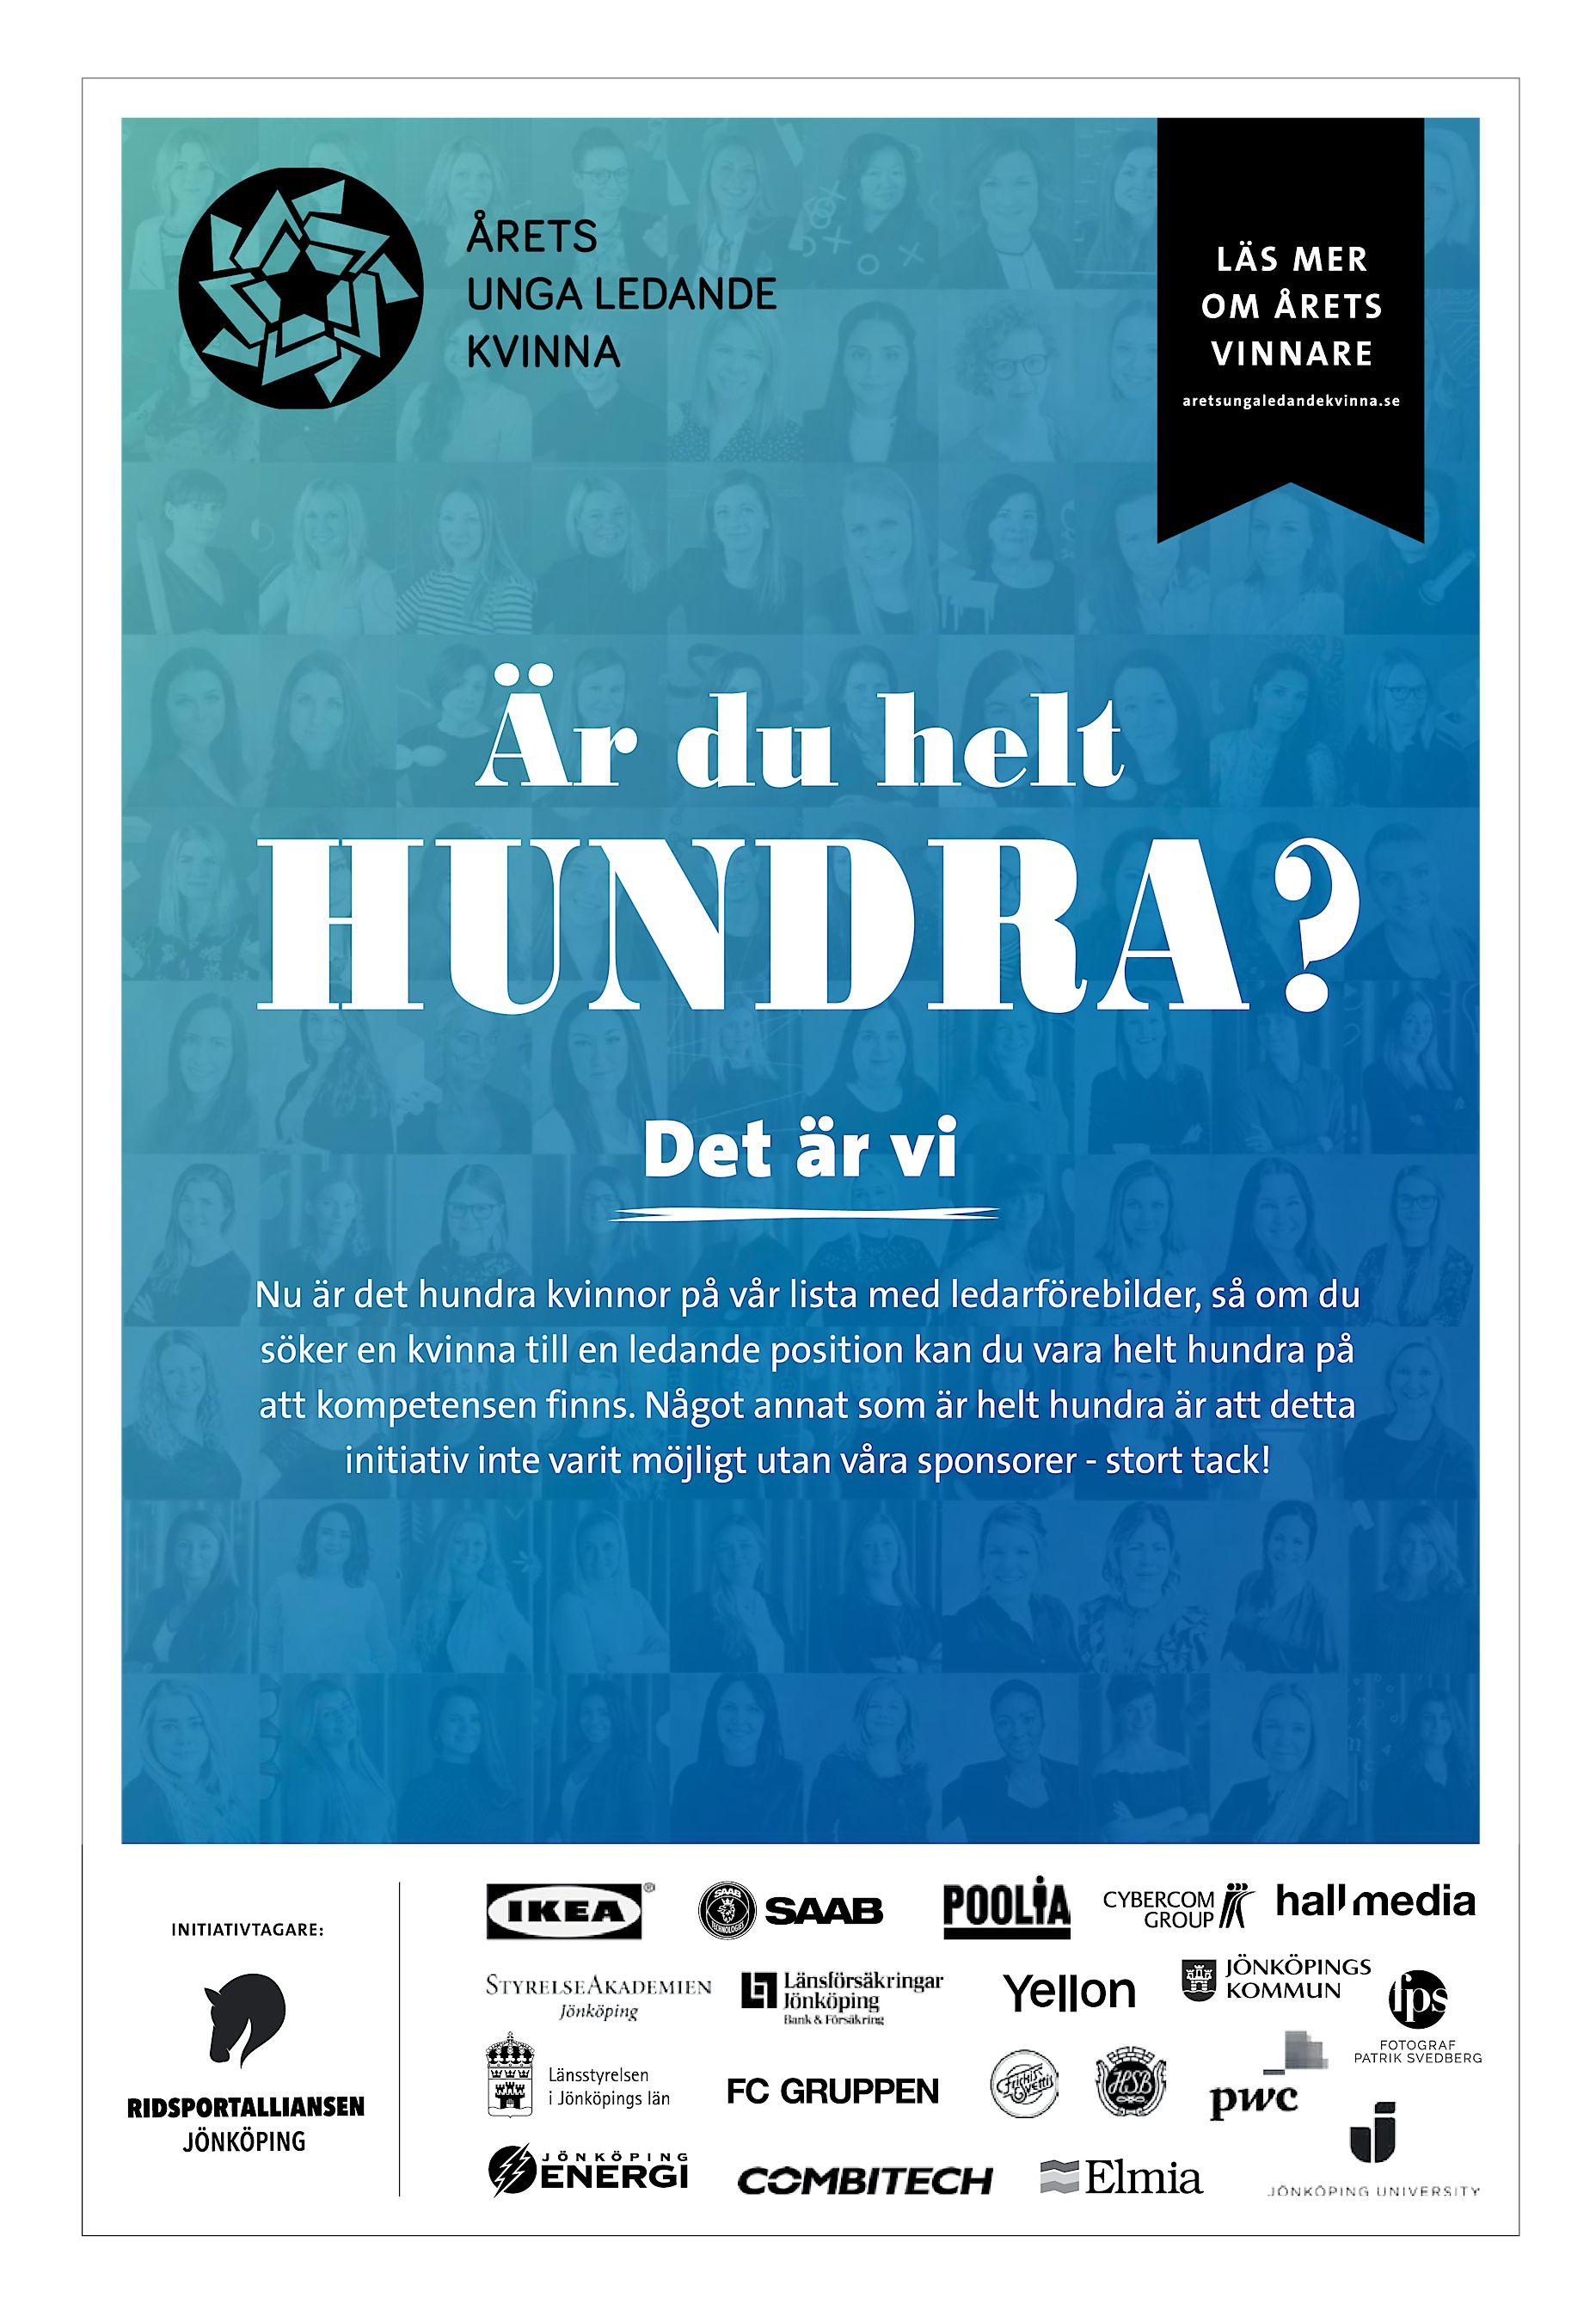 Burserydsvgen 33 Jnkpings Ln, Smlandsstenar - satisfaction-survey.net